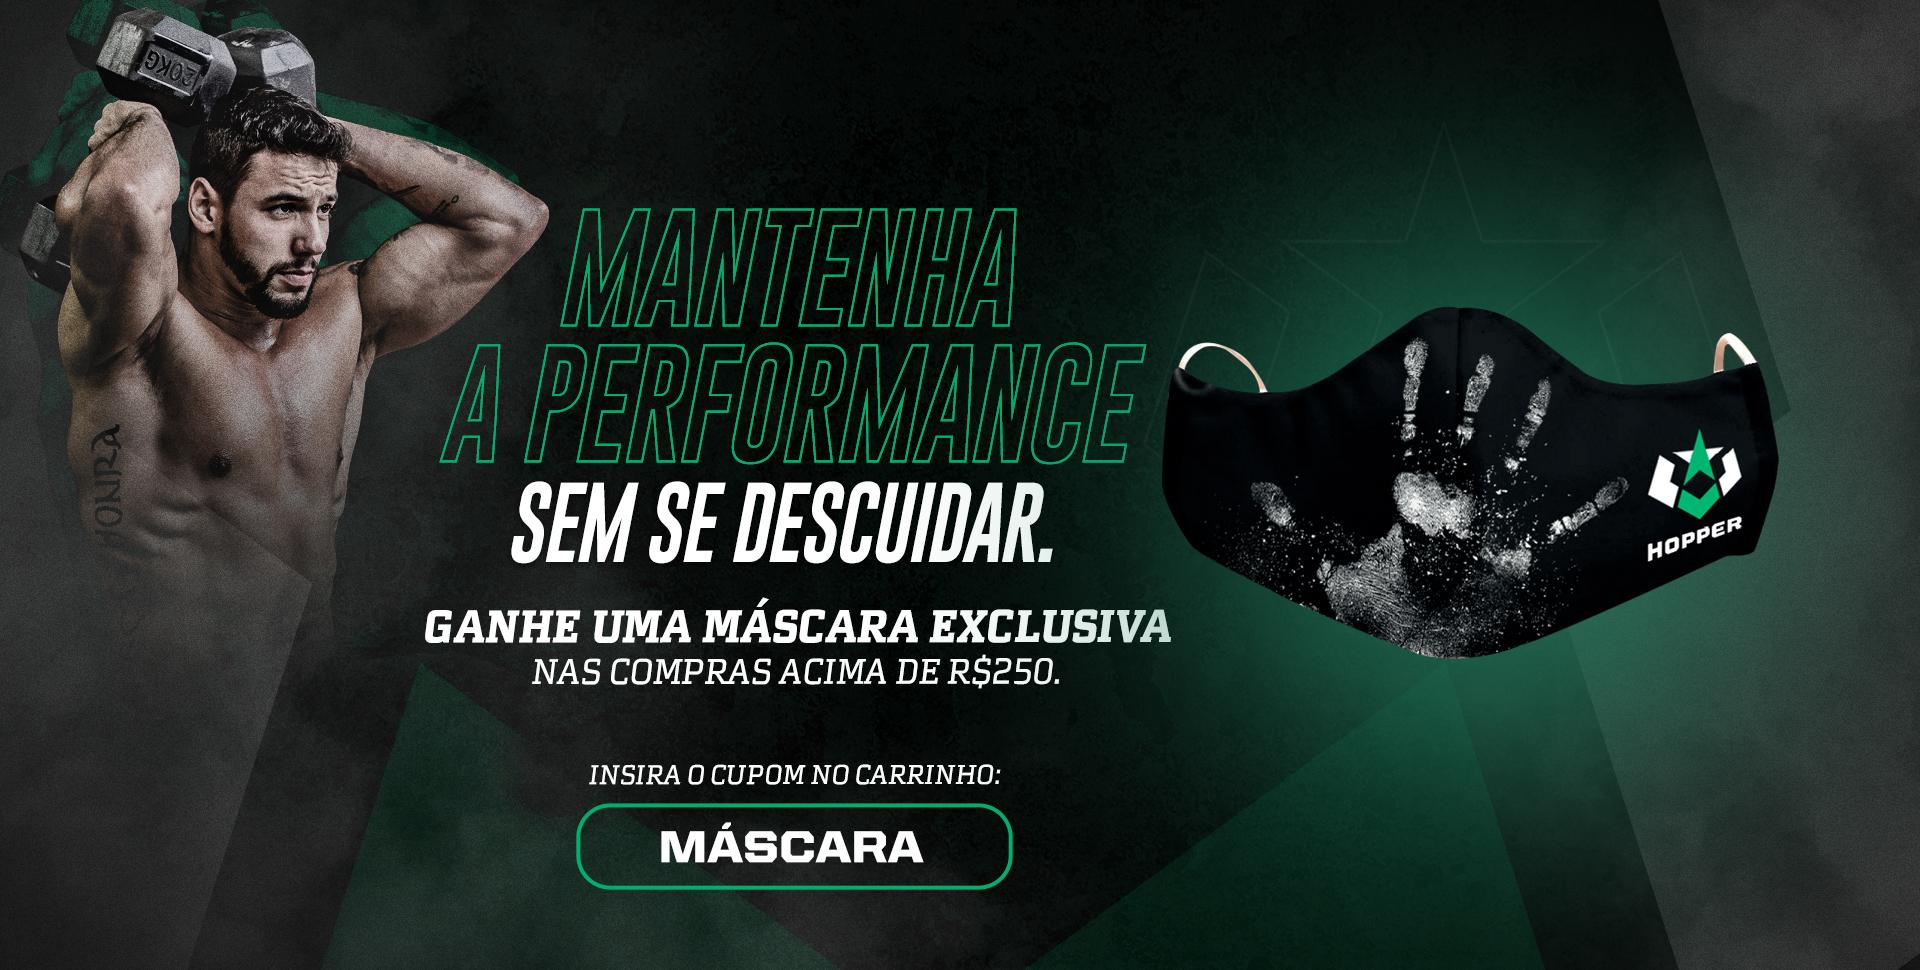 Pedidos acima de R$ 250 ganhe uma máscara - Setembro